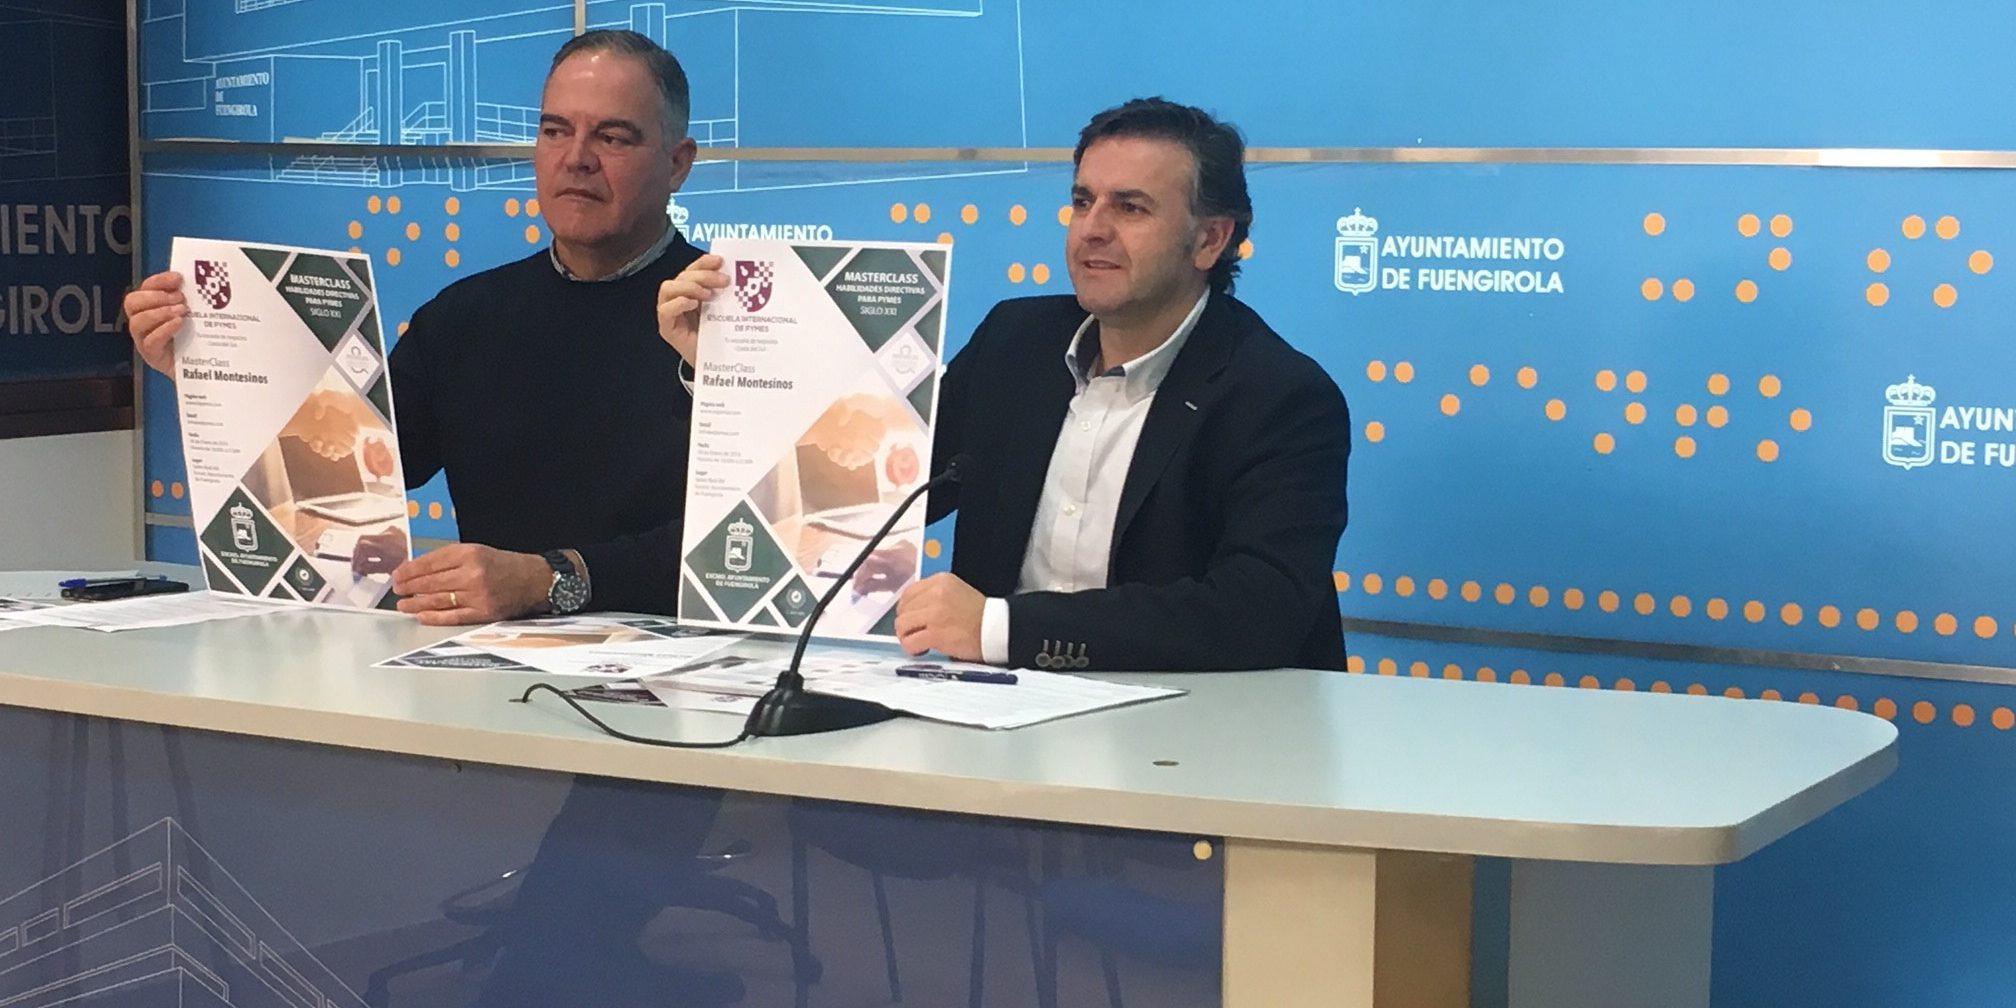 Fuengirola acoge una masterclass sobre habilidades directivas para pymes